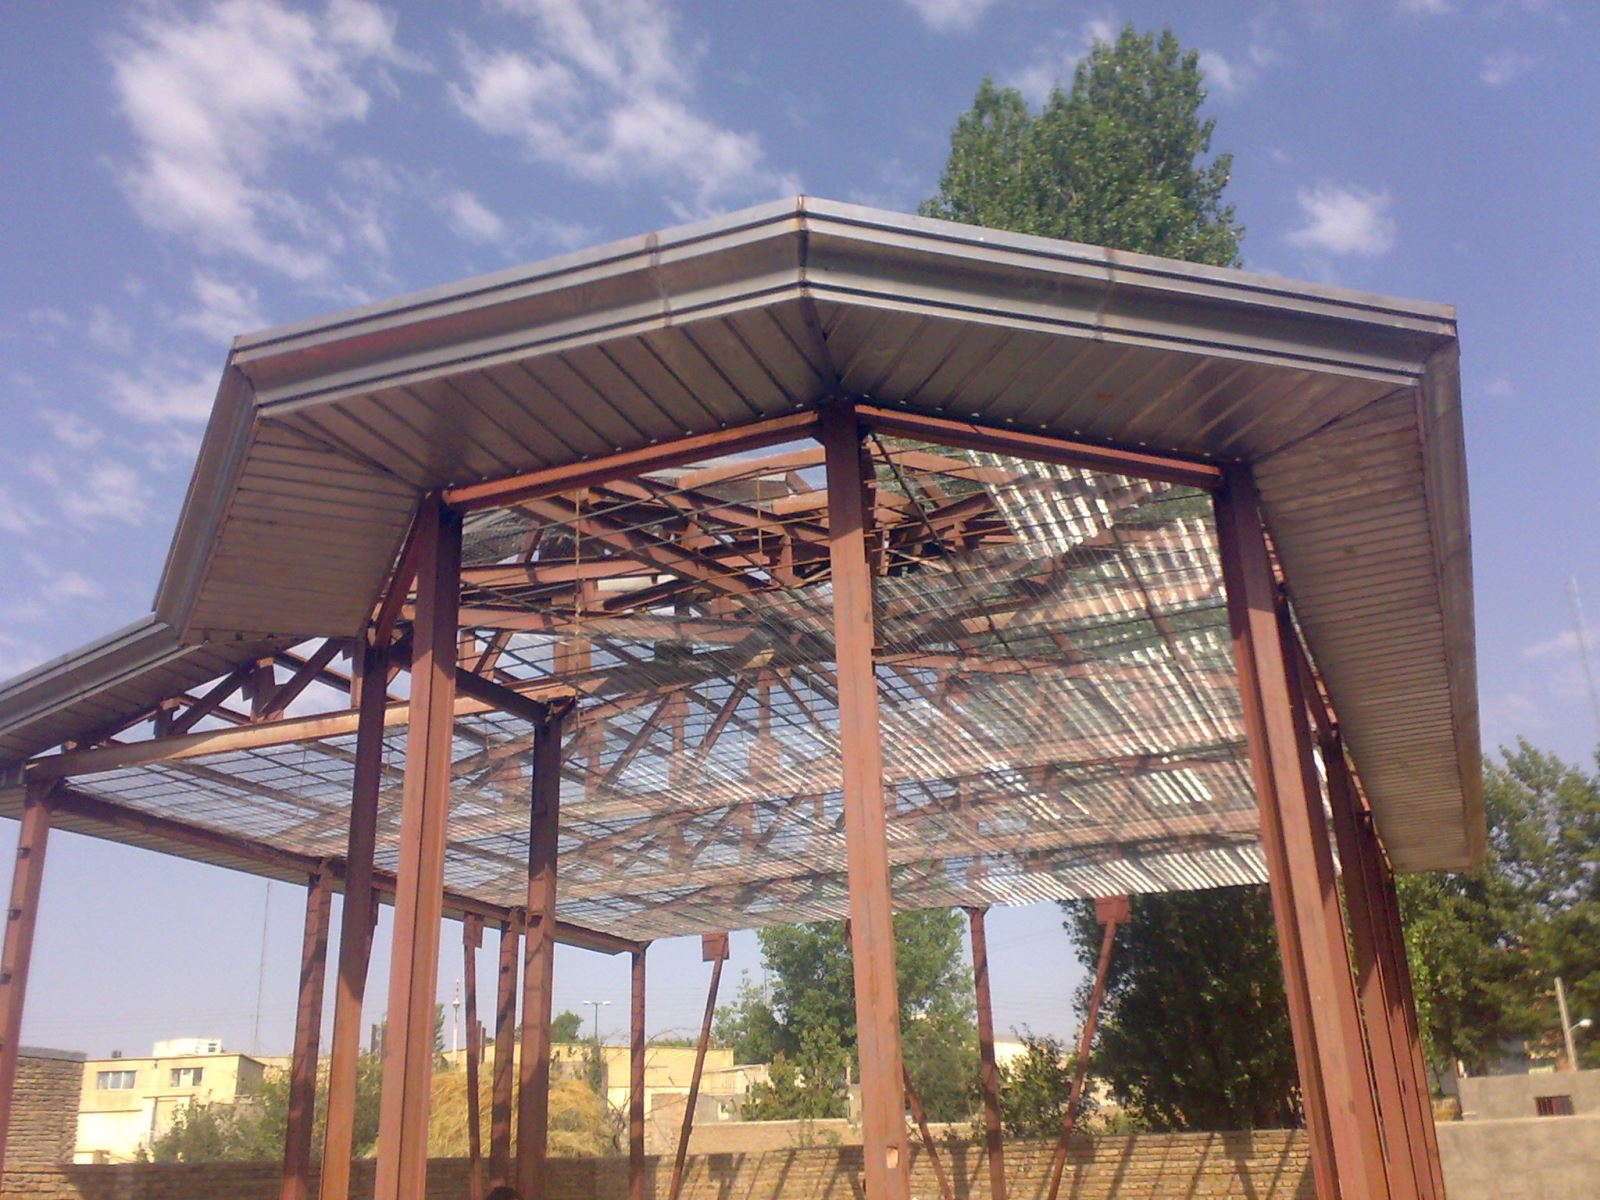 ساندویچ پانل-اجرای ساندویچ پانل-ساندویچ پانل سقفی-اجرای ساندویچ پانل سقفی